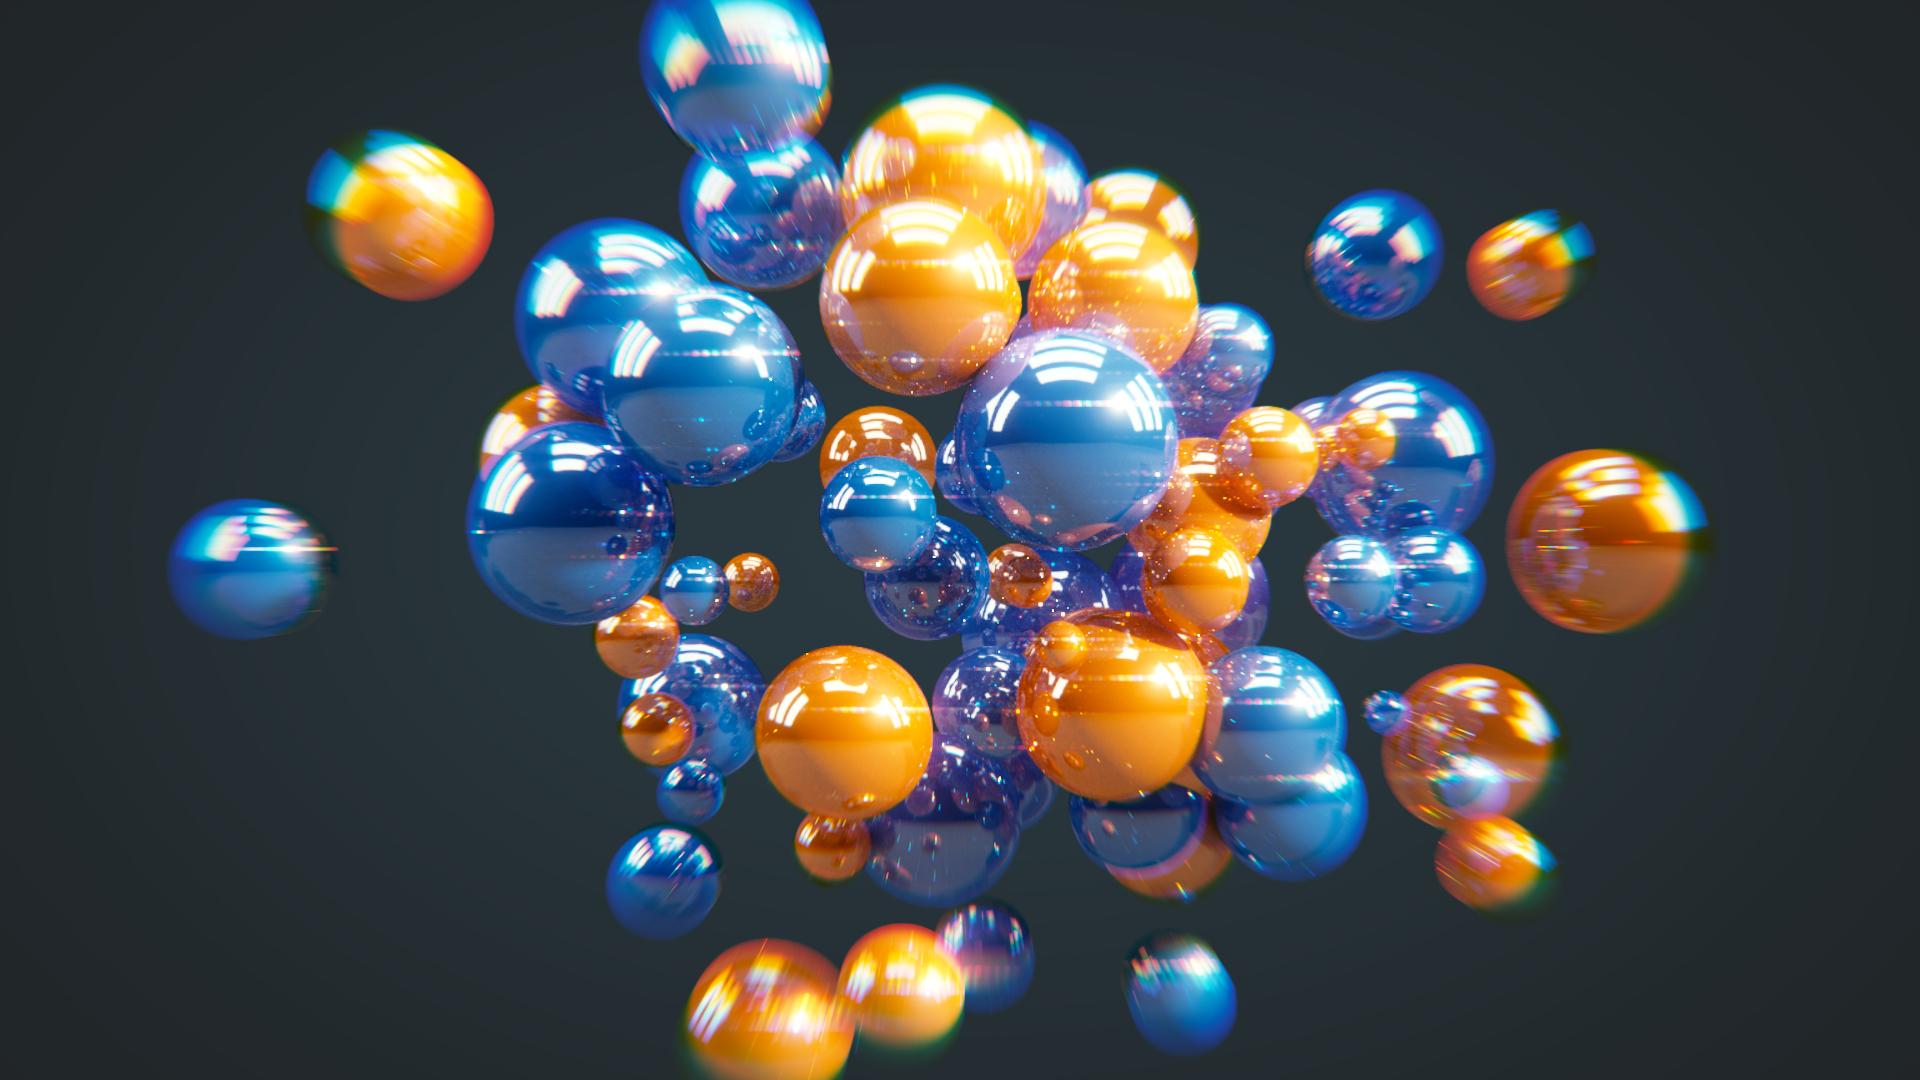 μπάλες, ανταύγιες, 3D, Γράφημα, Μπλε, Πορτοκαλί - Wallpapers HD - Professor-falken.com